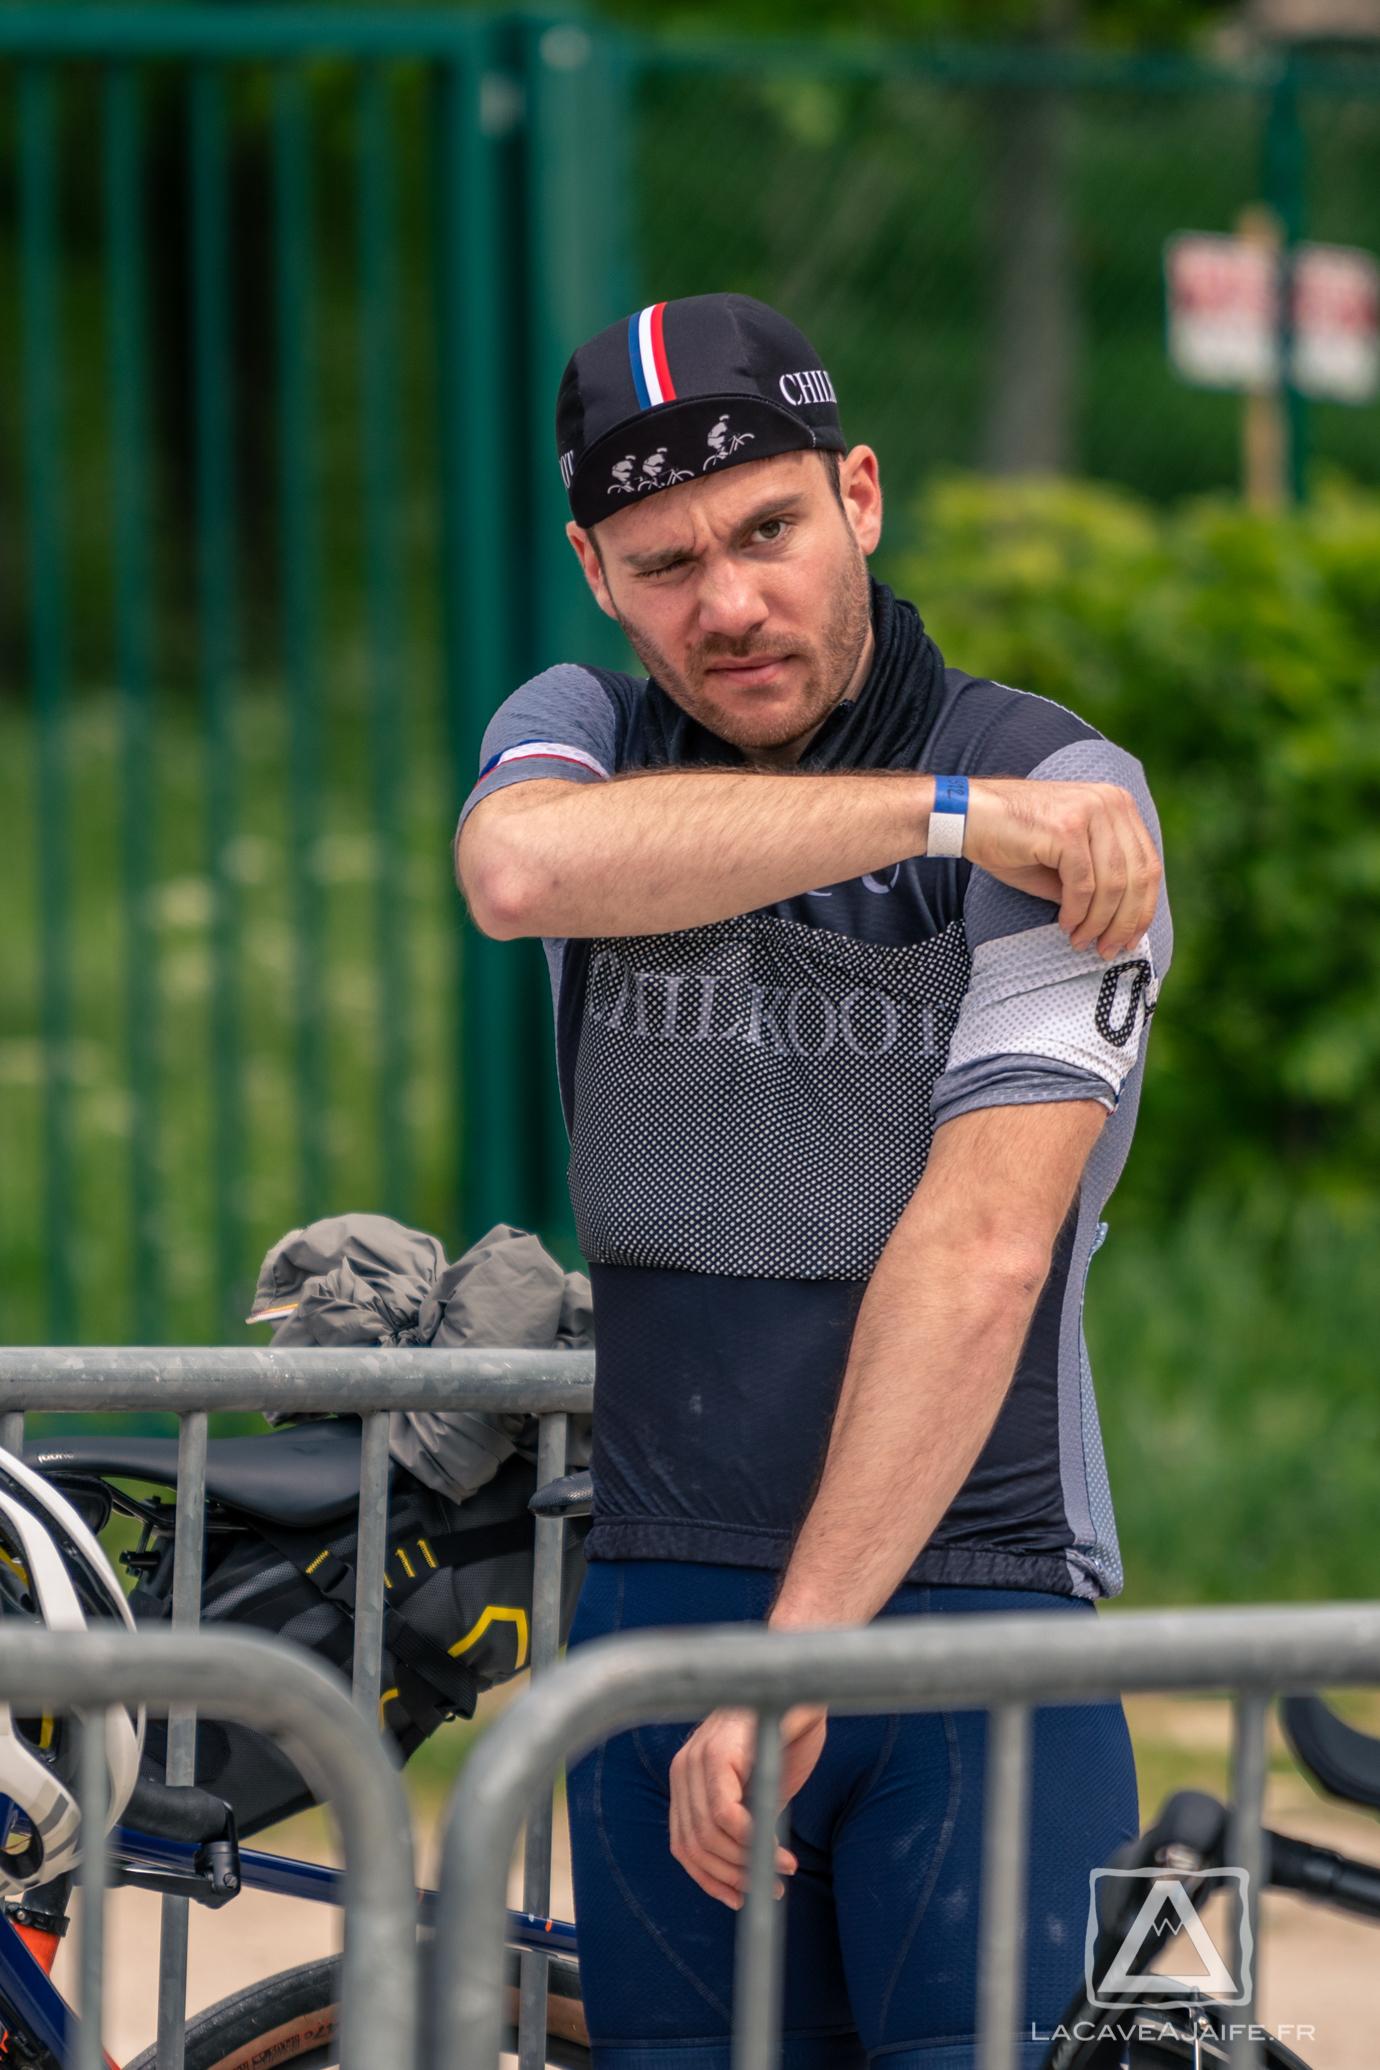 Le départ de l'ultra du Grand tour Paris - 18 mai 2019 60